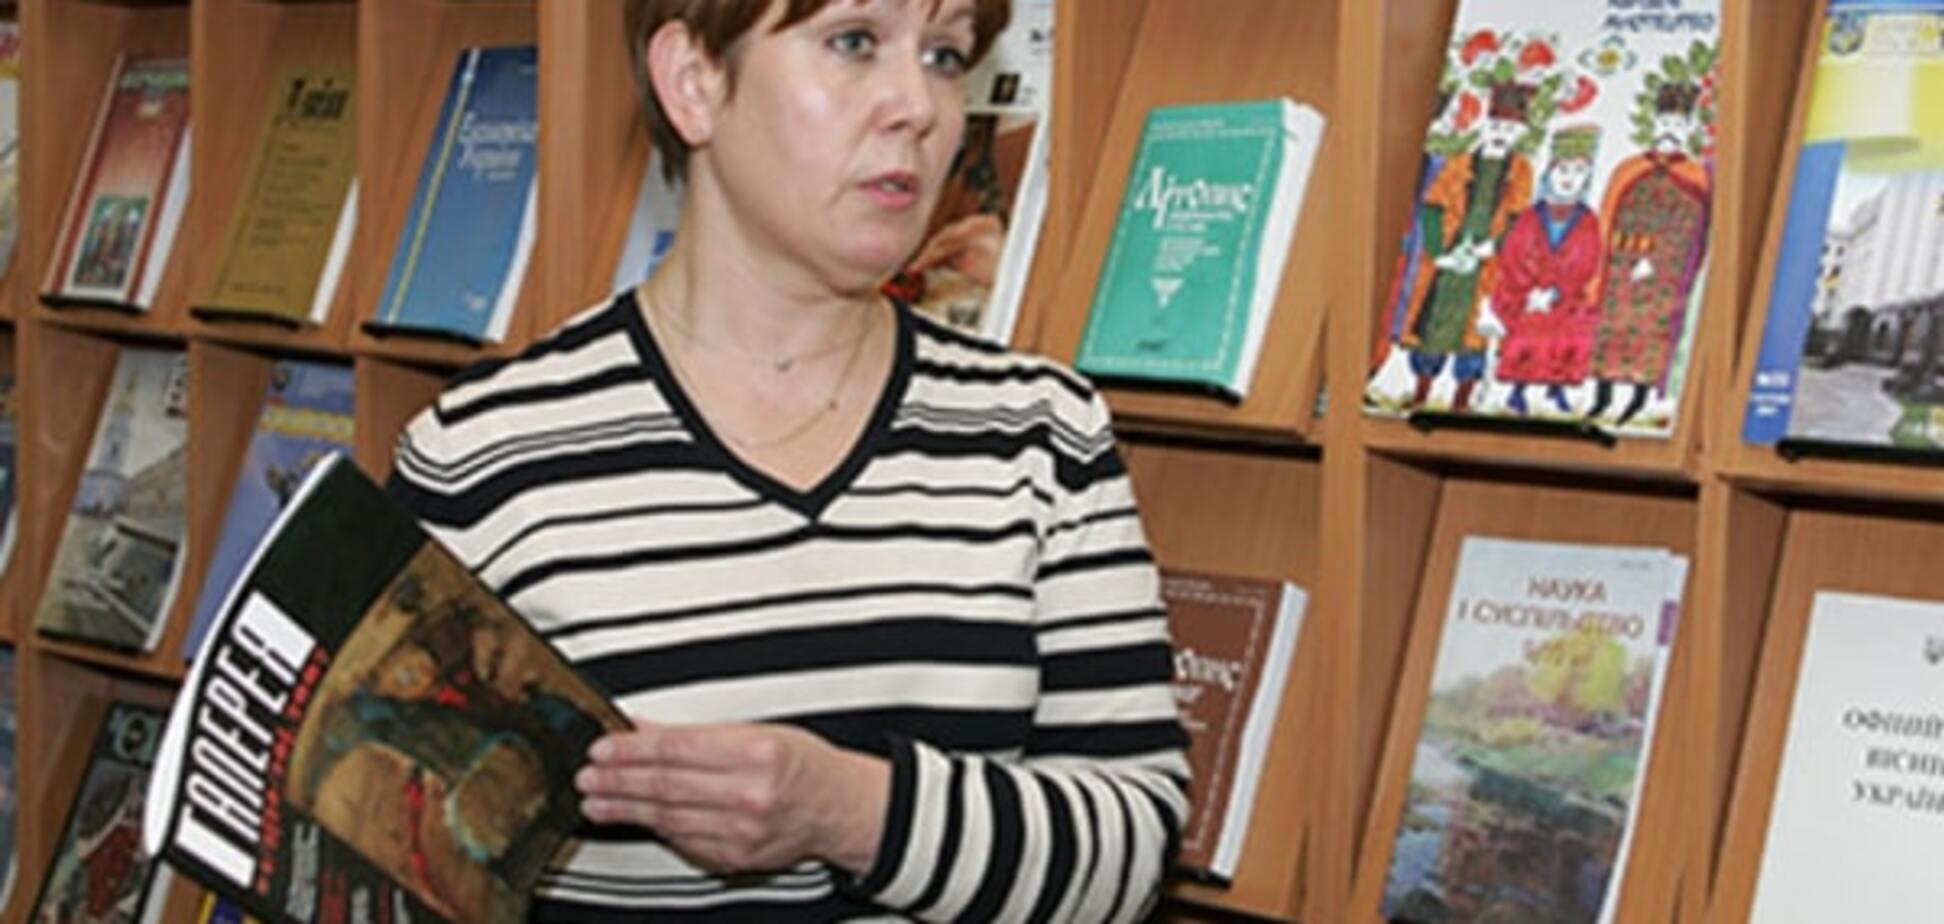 Директору Украинской библиотеки в Москве шьют дело за 'разжигание национальной вражды'